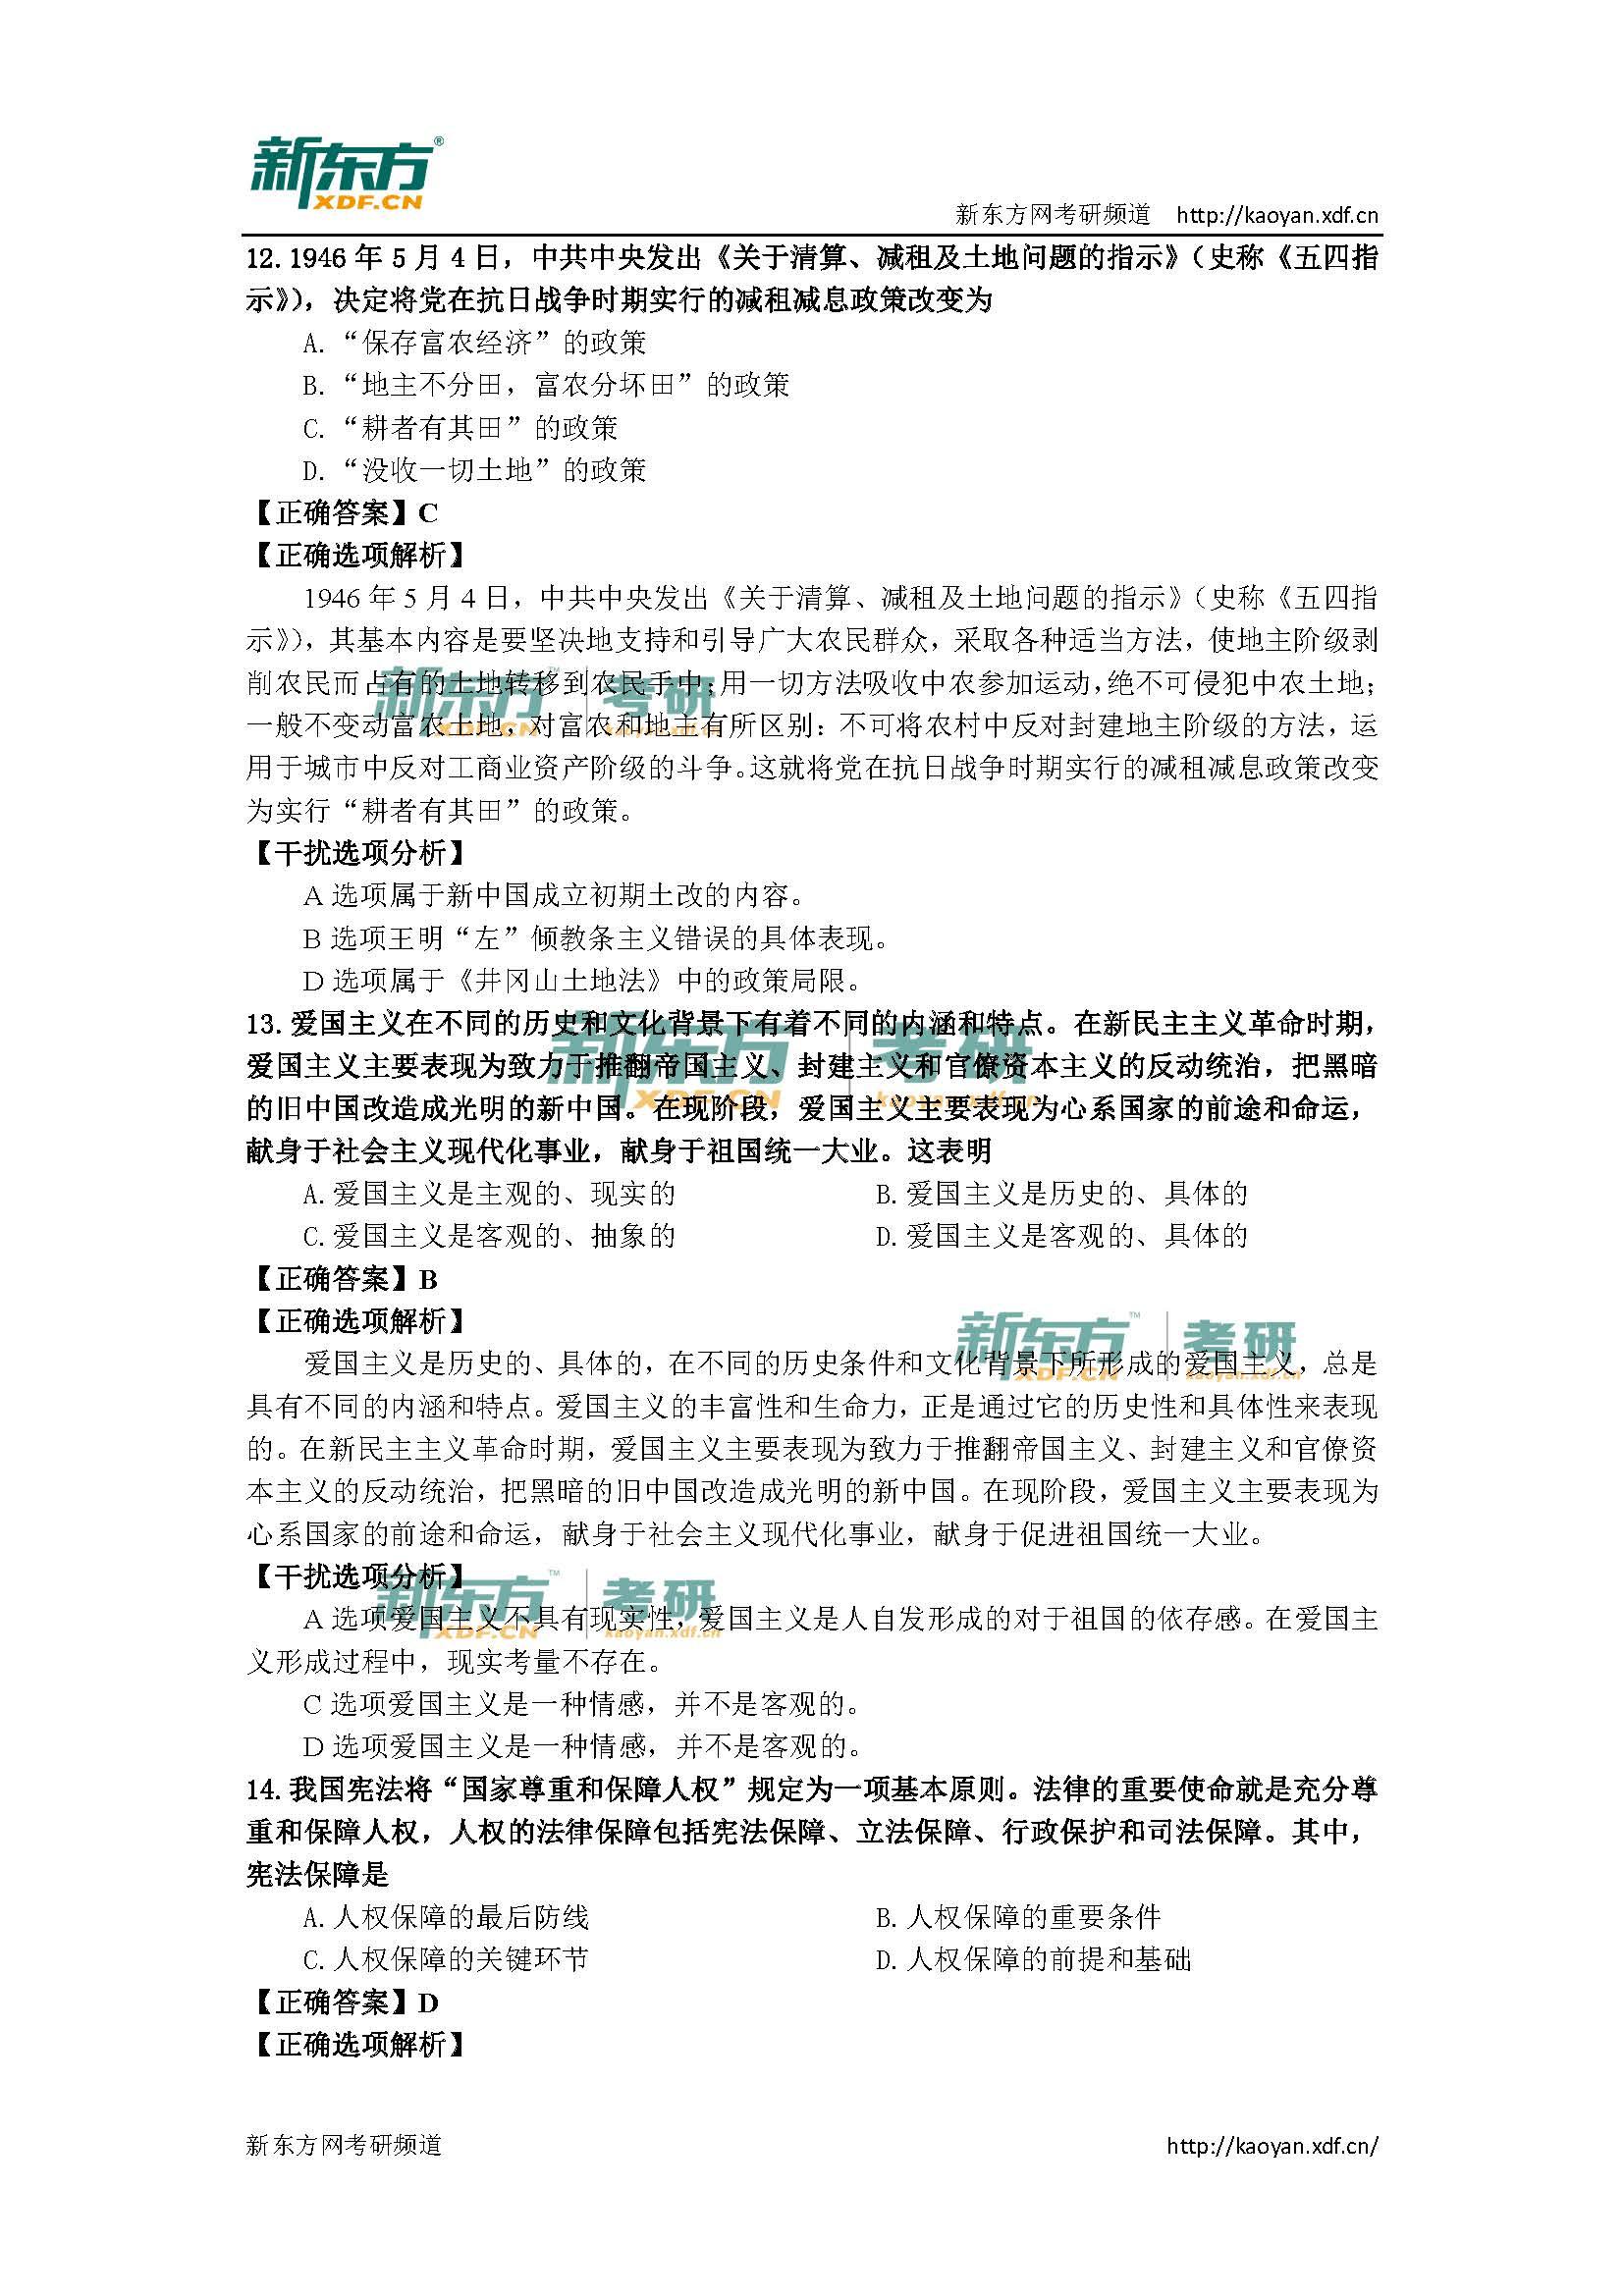 2016考研政治答案逐题解析(新东方)